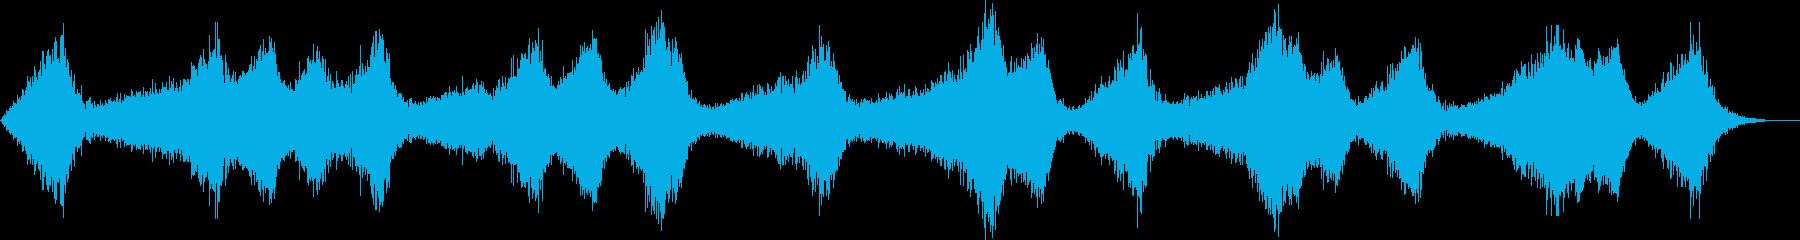 ザバーン..。波・海の音(荒れ気味・長)の再生済みの波形